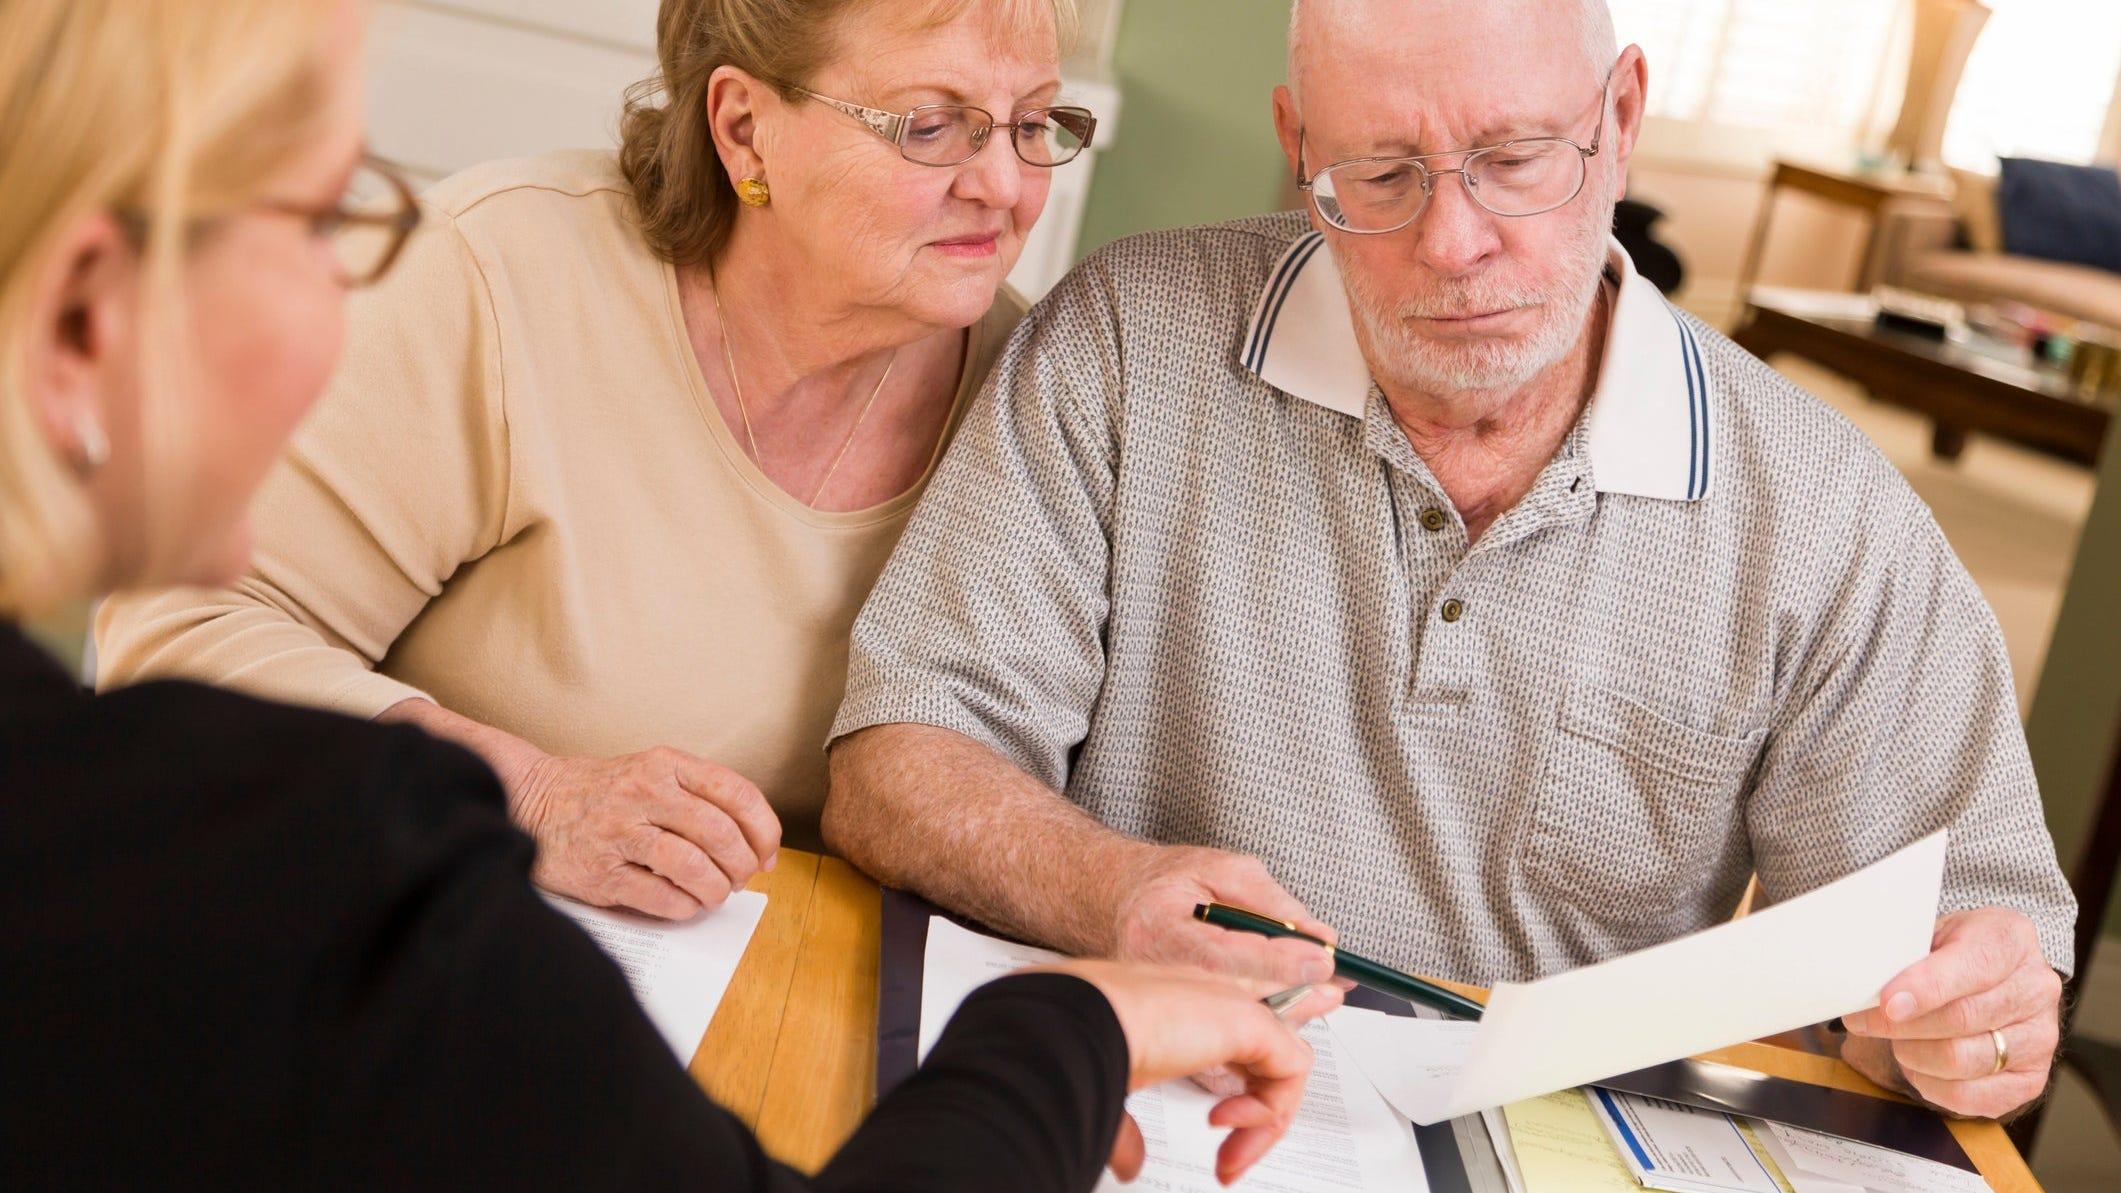 older couple looking at paperwork jpg?width=2121&height=1193&fit=crop&format=pjpg&auto=webp.'